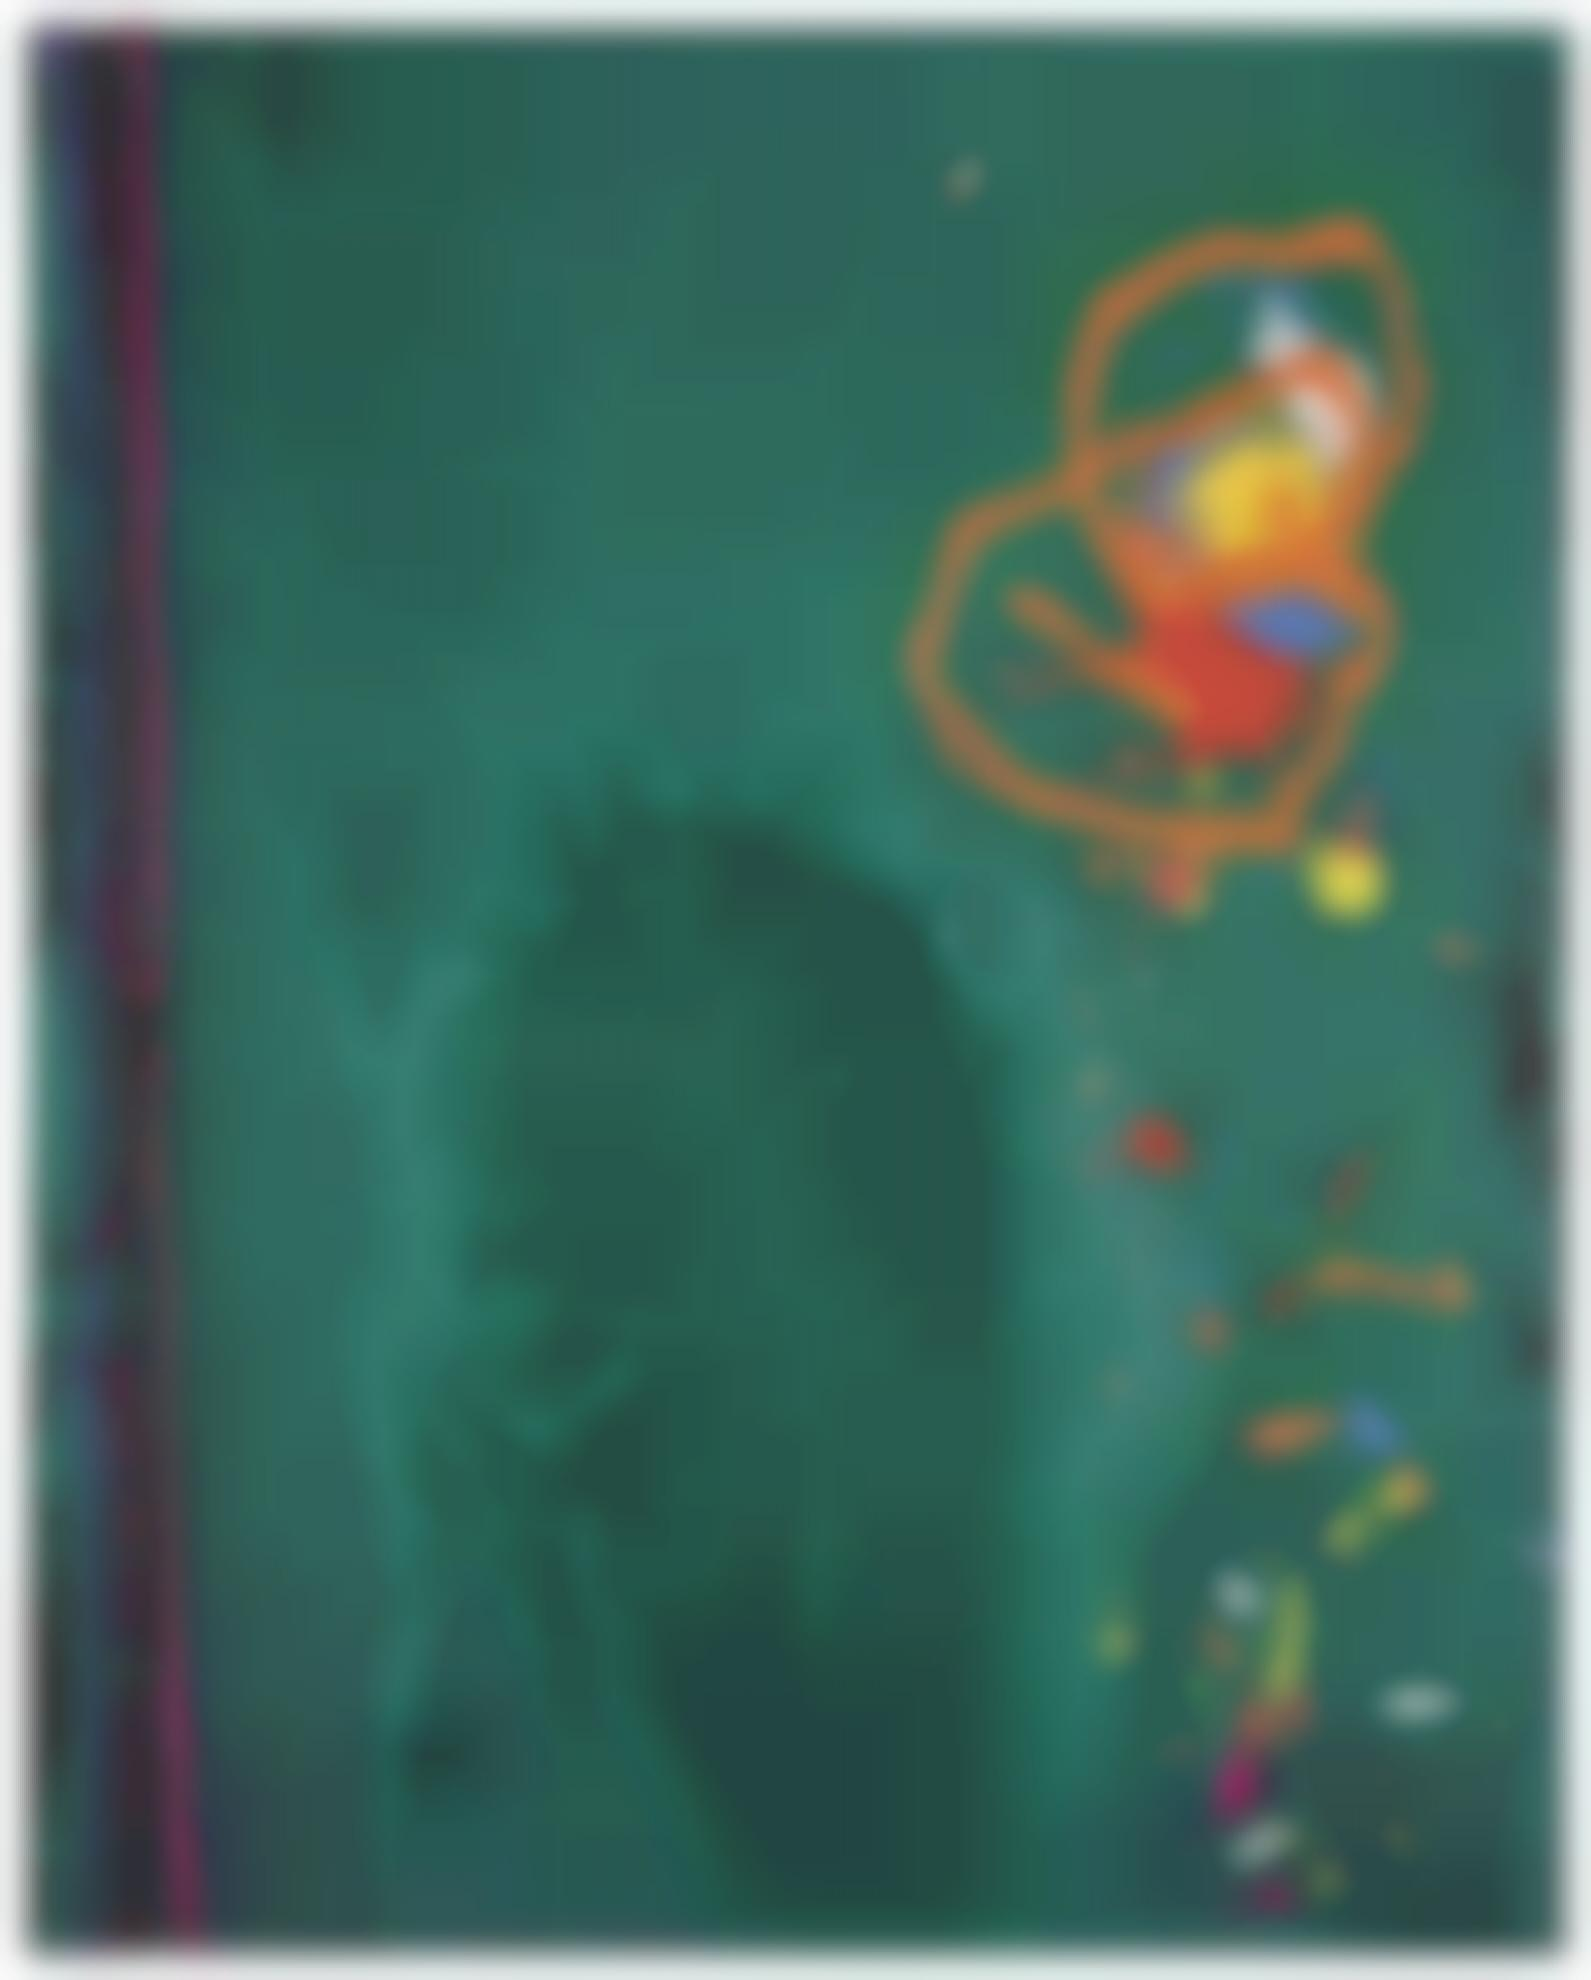 John Hoyland-Rio Crystal 18.7.05-